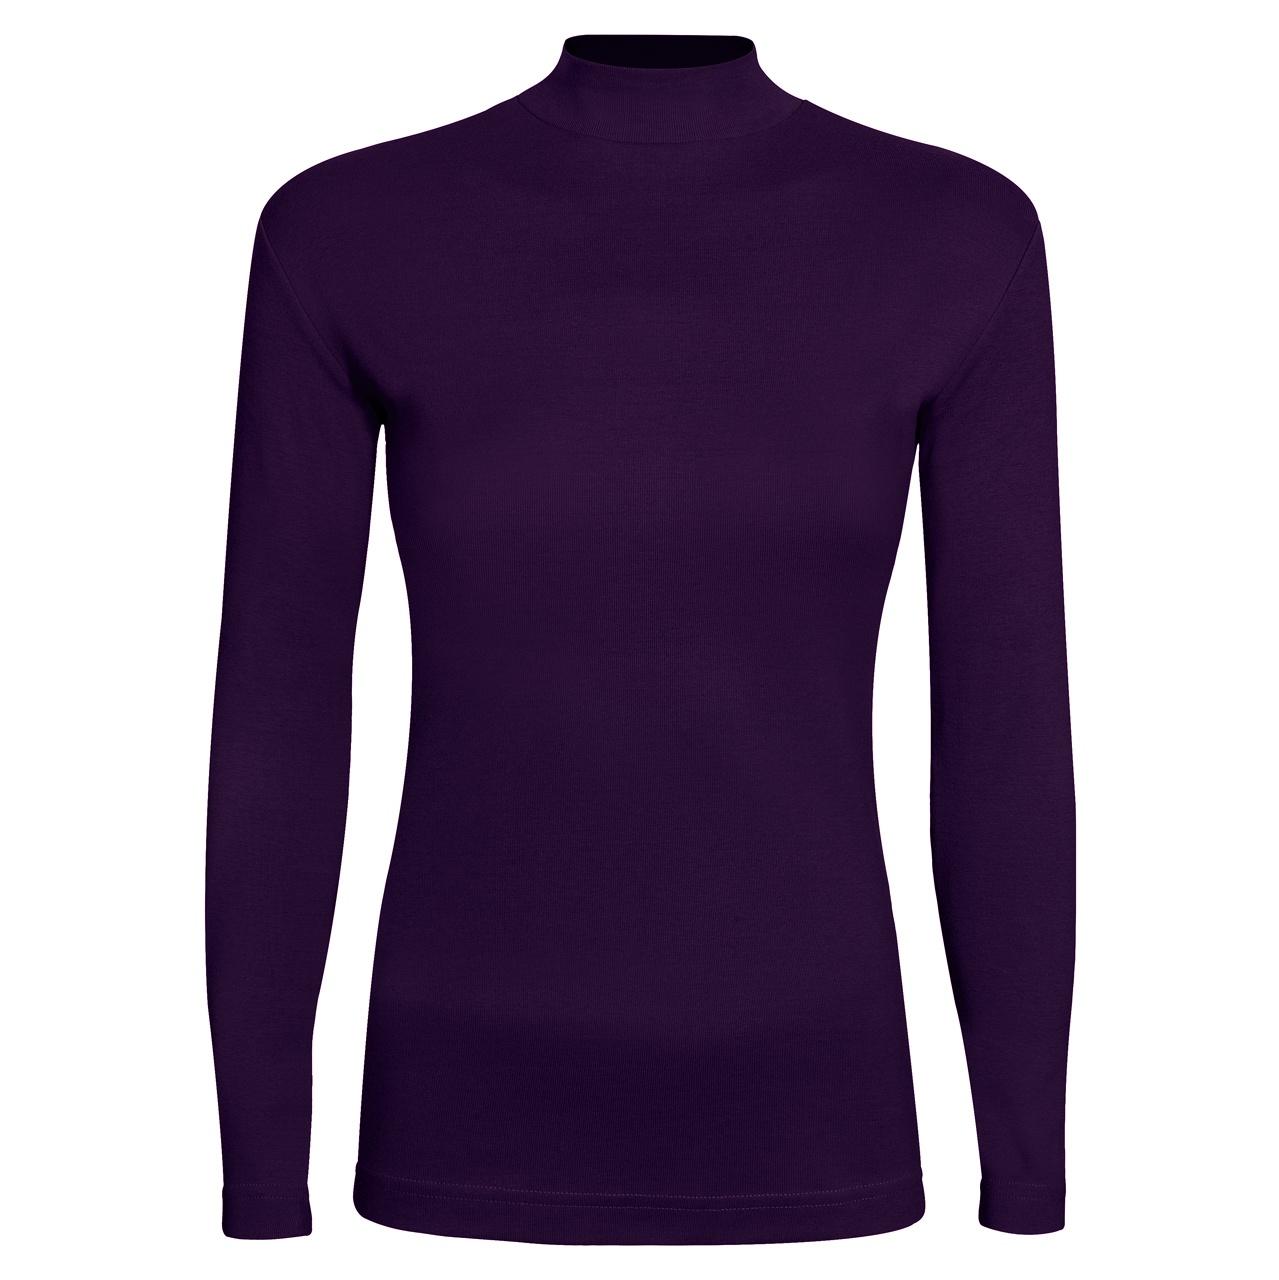 تی شرت آستین بلند زنانه ساروک مدل SZY5C12 رنگ بنفش